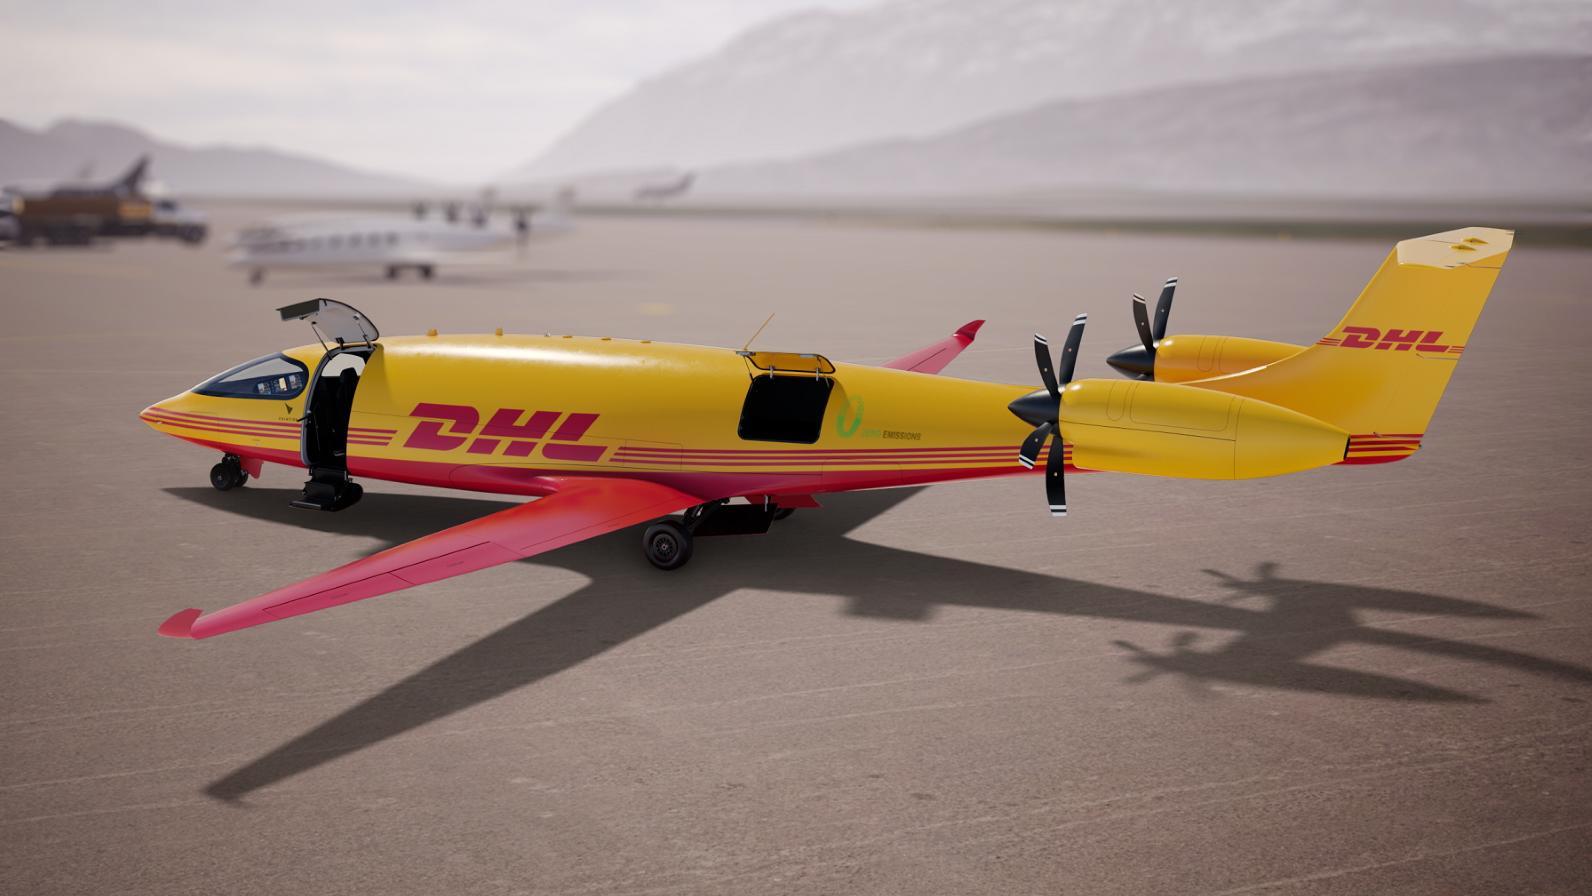 DHL está construyendo la primera red de carga aérea totalmente eléctrica -  TecNoticias, tu portal de información